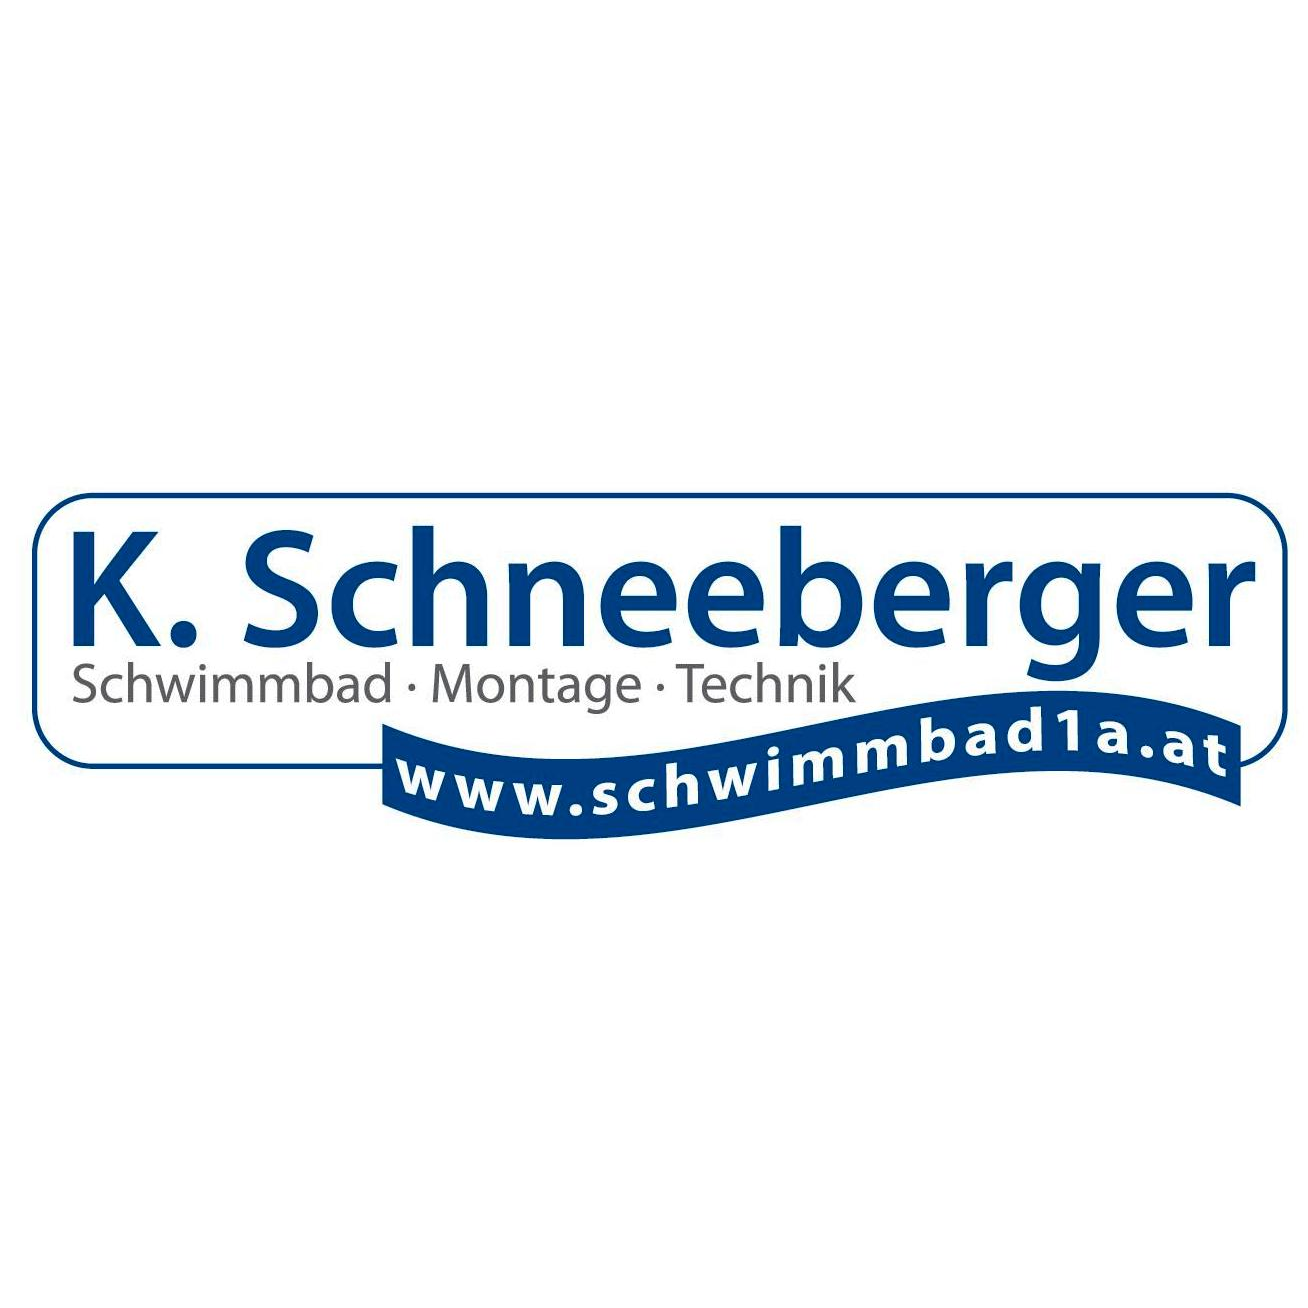 K. Schneeberger Schwimmbad - Montage - Technik